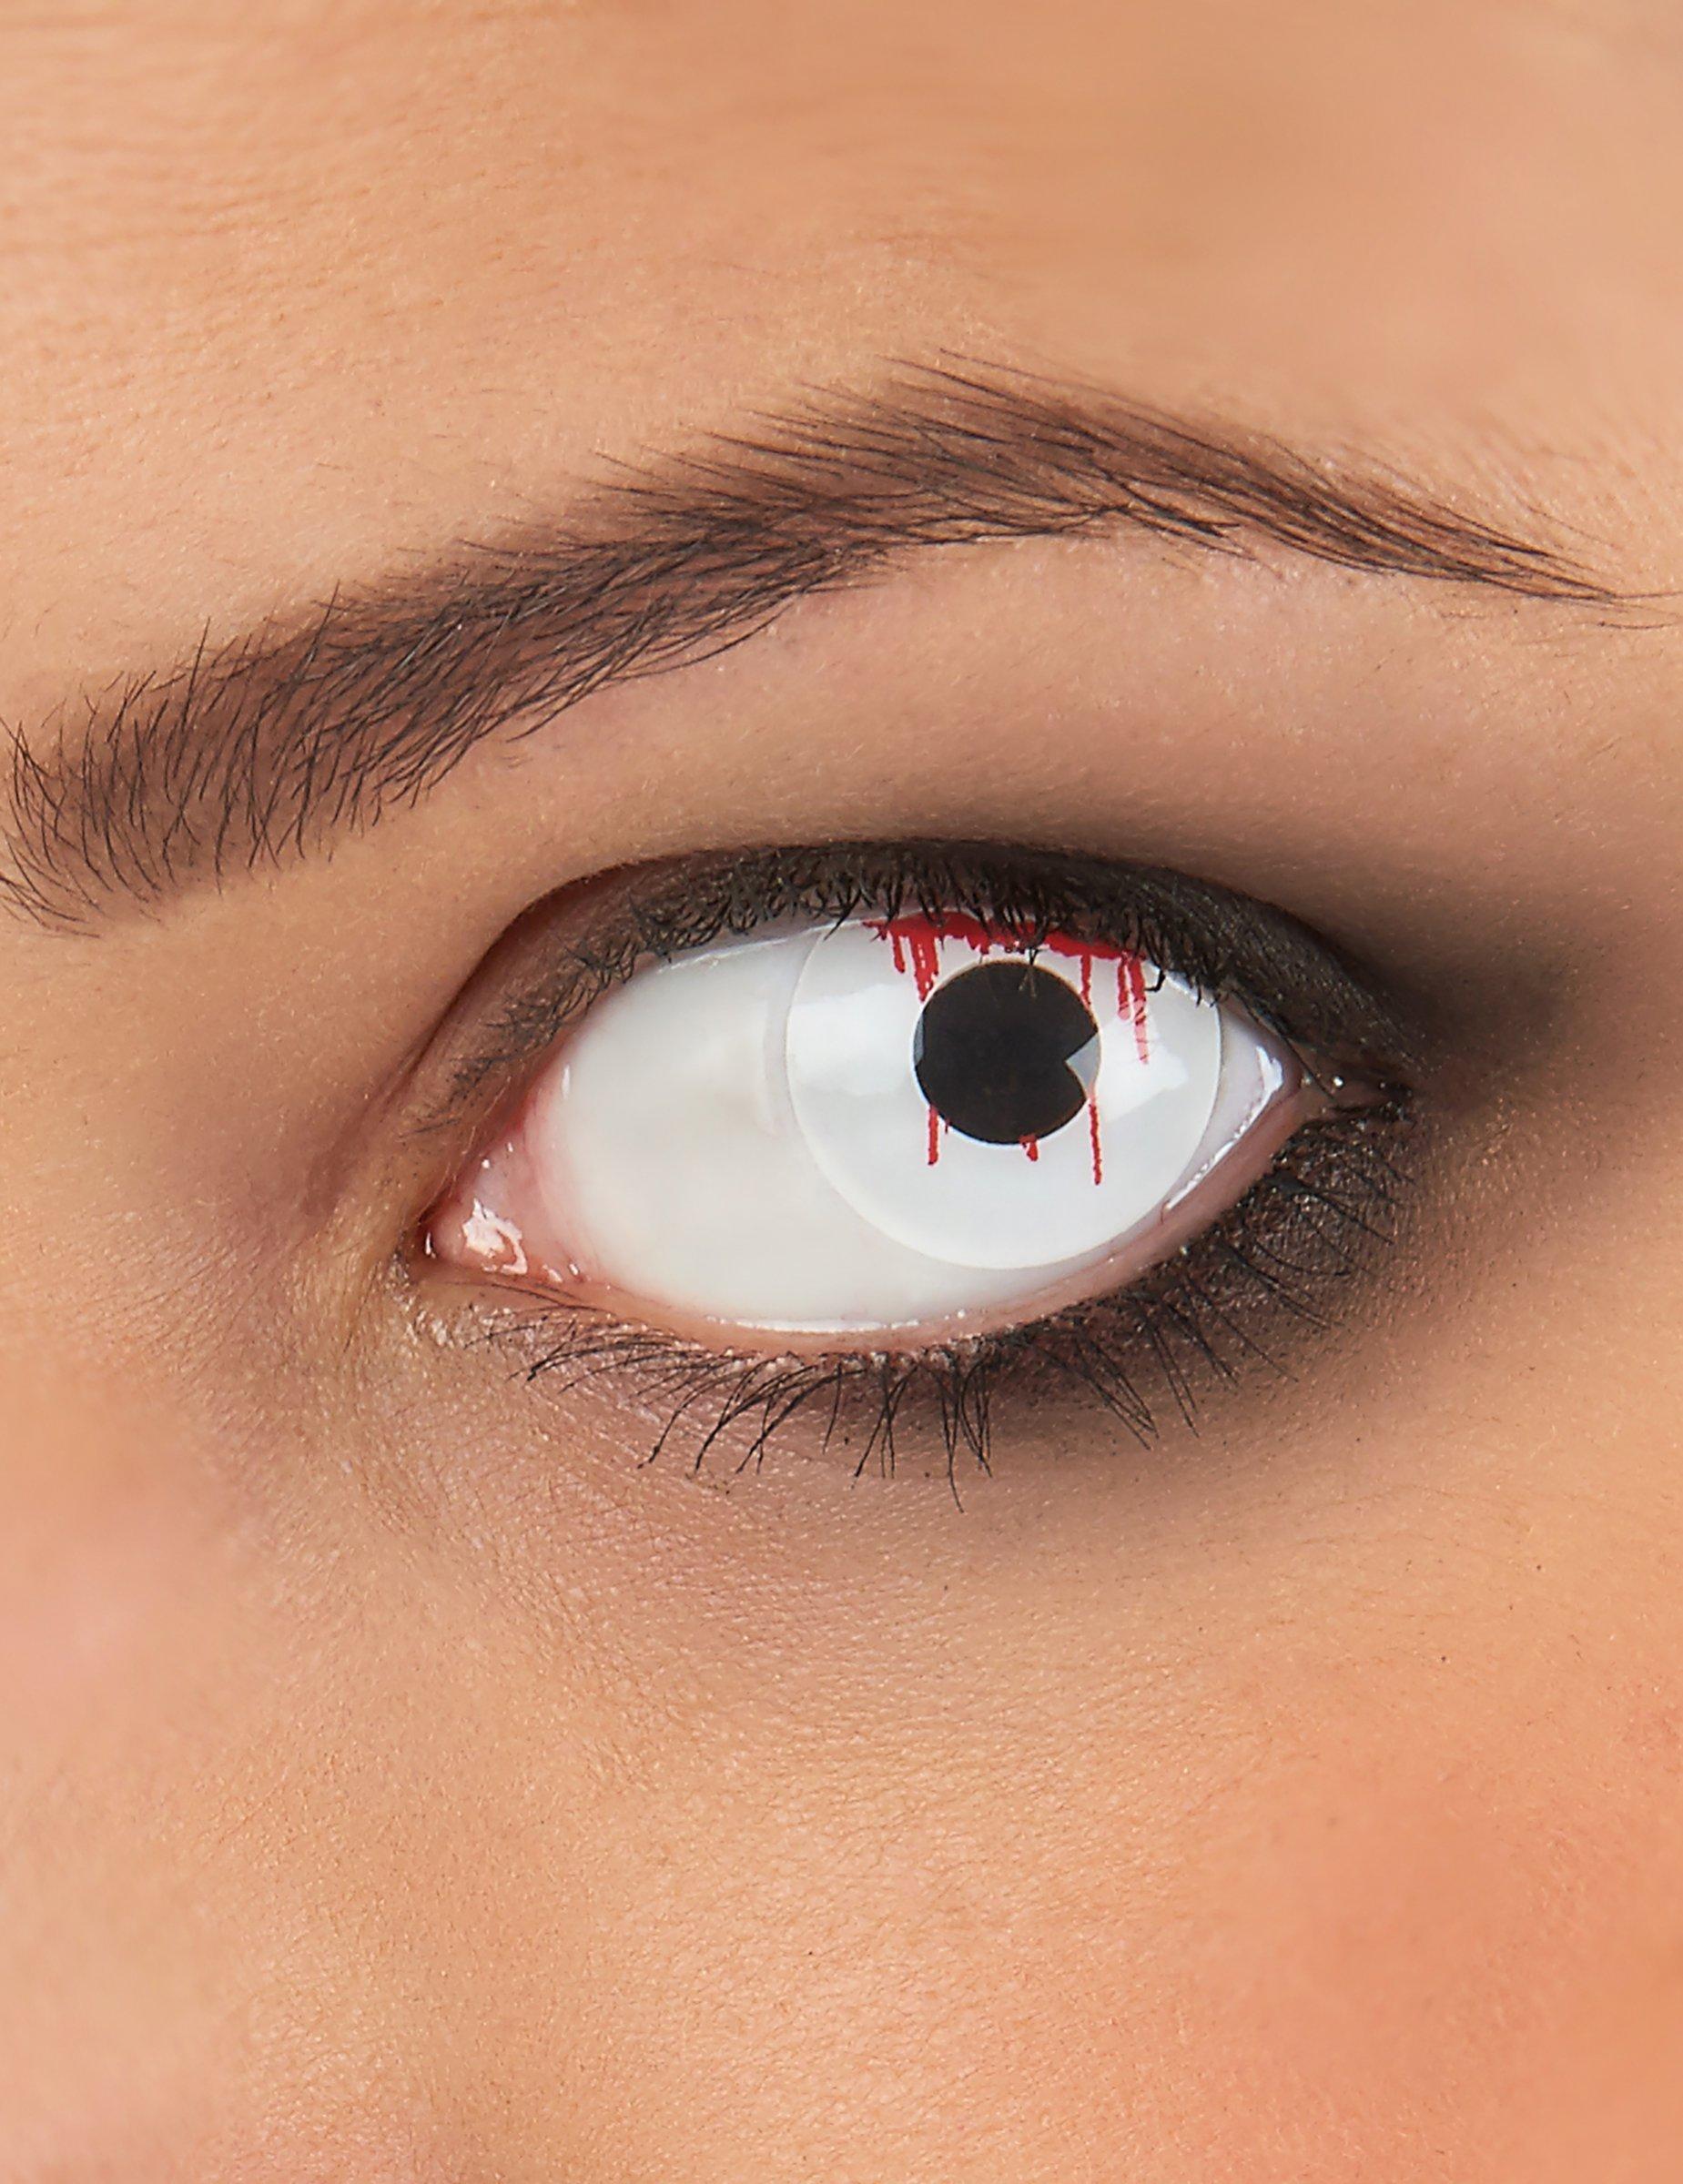 Lenti a contatto fantasia occhio ferito adulto Halloween  Trucco 57a9e2d87e4e